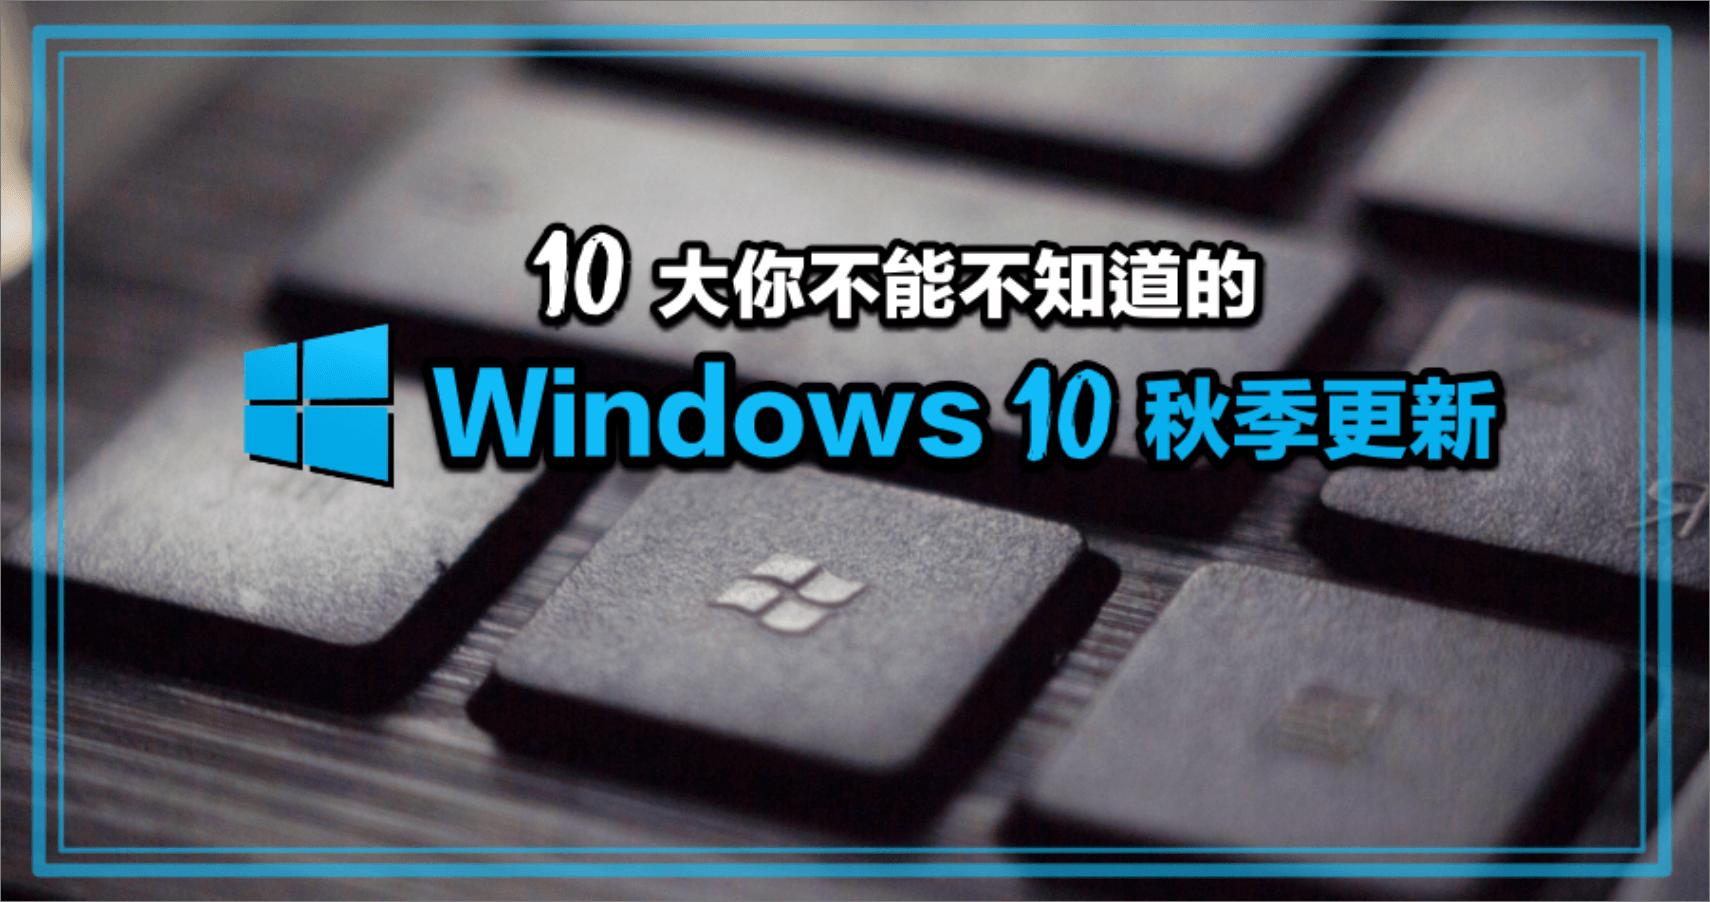 10 項必看 Windows 10 十月更新,微軟將帶給你黑暗模式、Swiftykey 鍵盤、內建字典查詢等超實用功能!